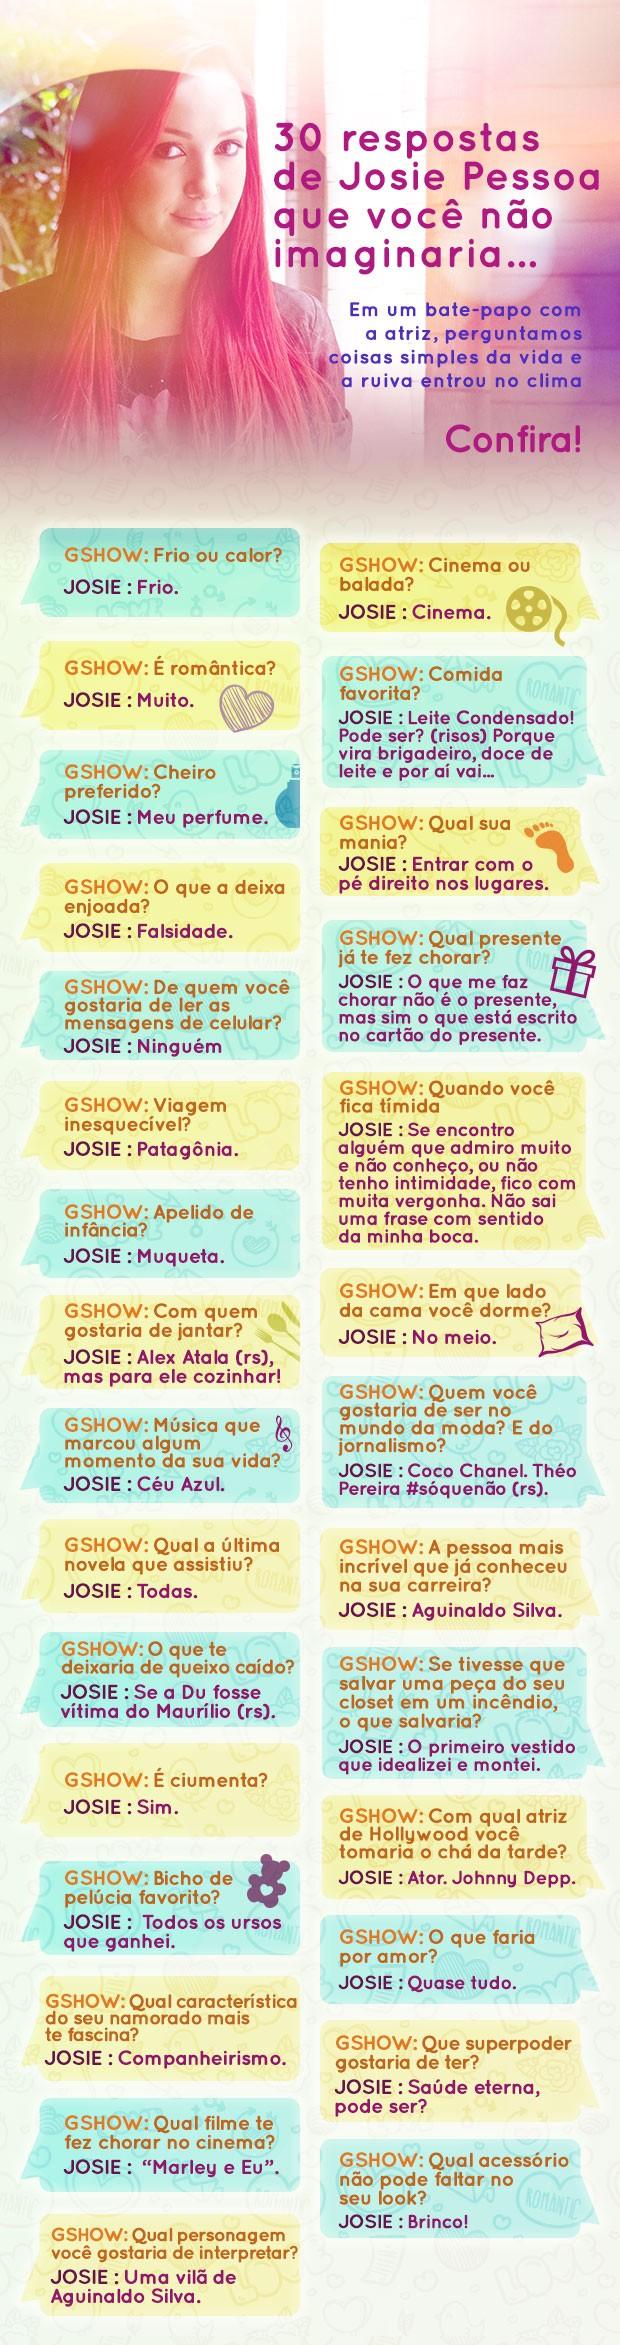 Josie Pessoa responde 30 perguntas  (Foto: Gshow)